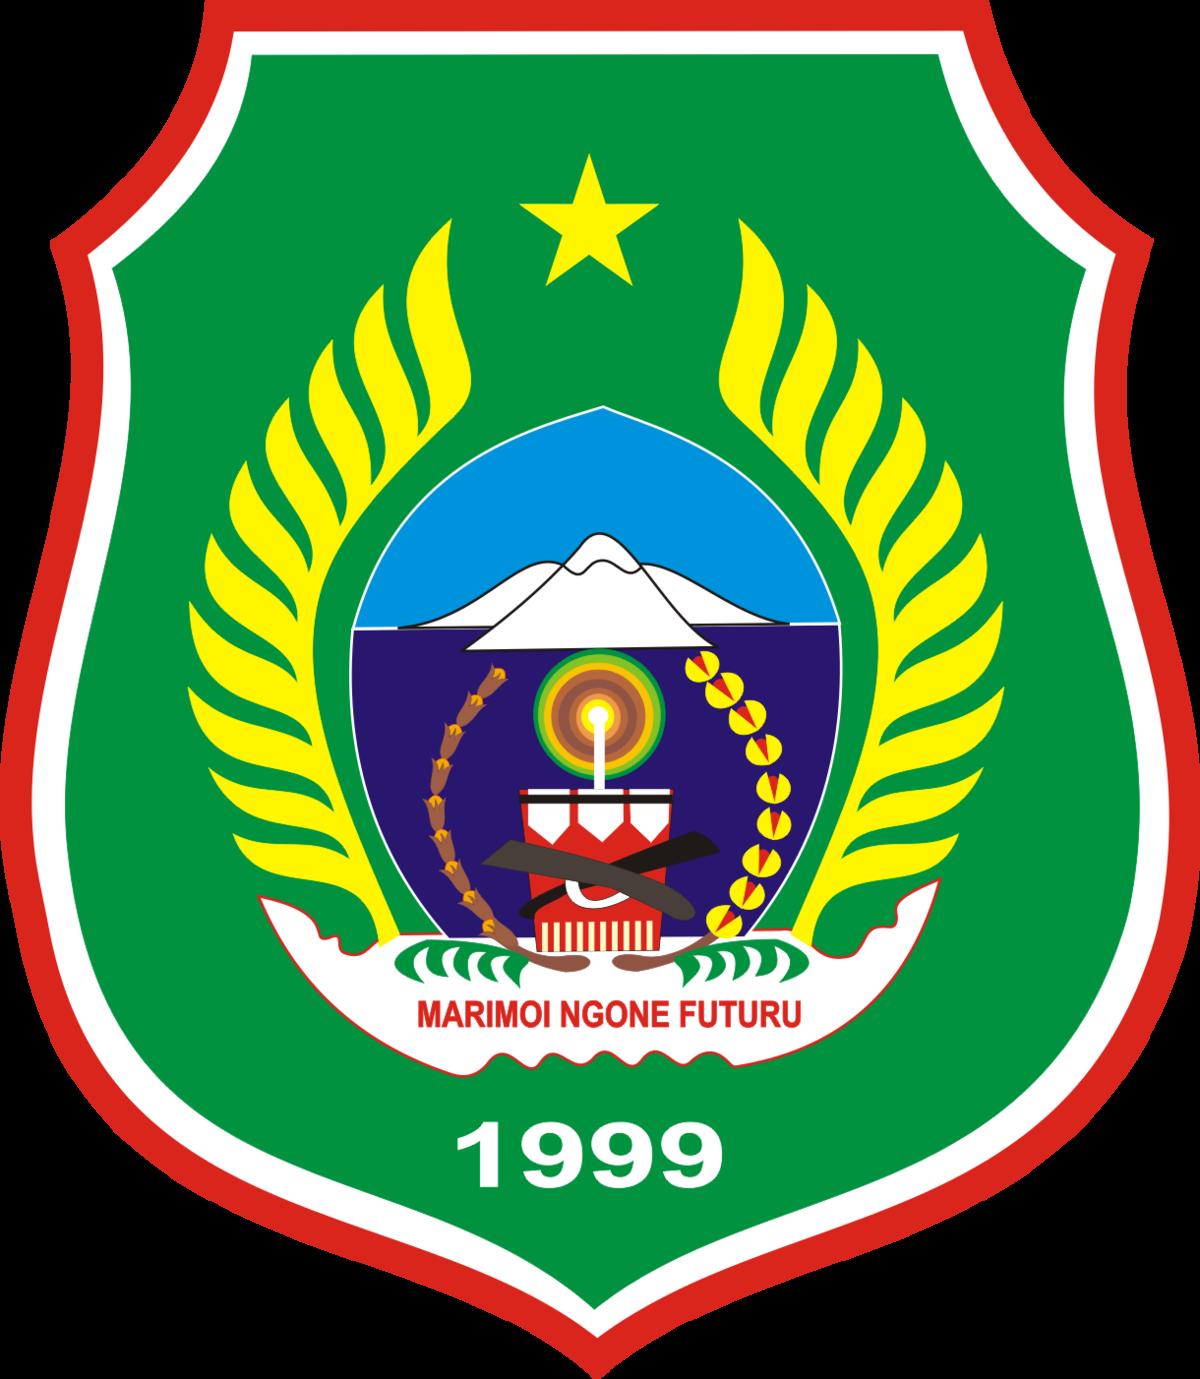 Arti Lambang Jawa Timur Pramuka